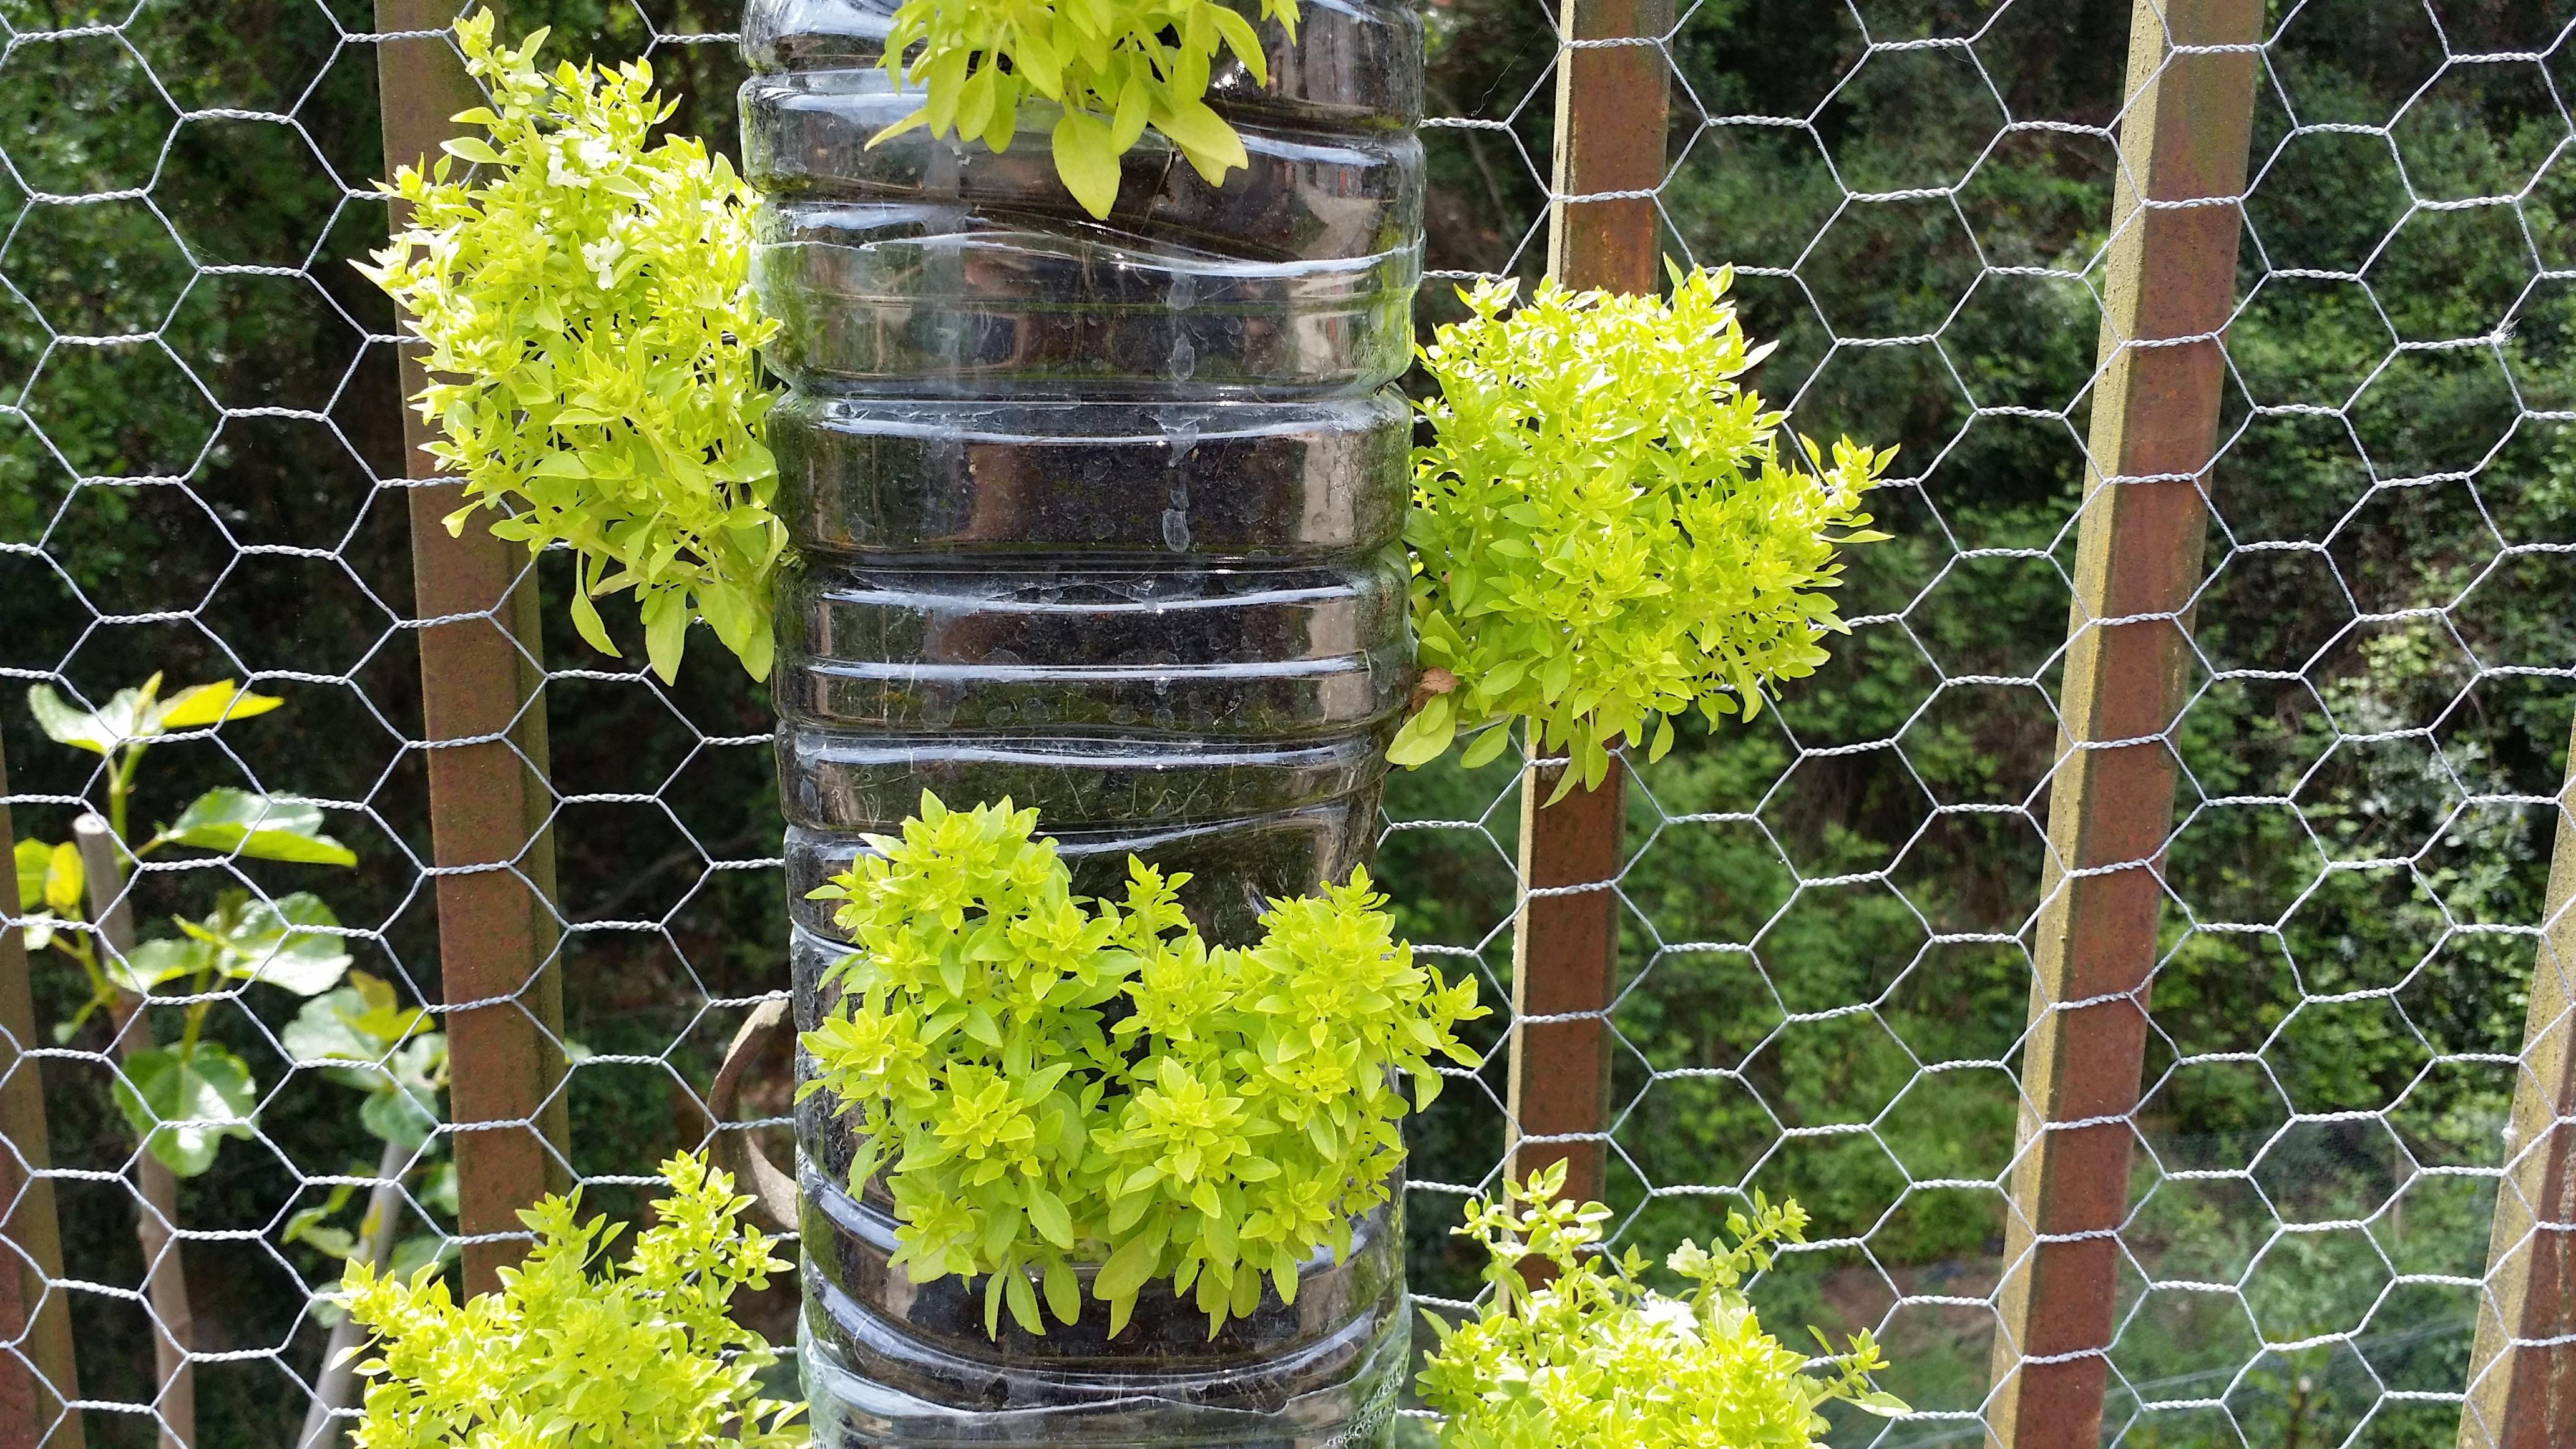 Gambar Menanam Bunga Makanan Menghasilkan Botani Taman Belukar Halaman Vertical Garden Tanaman Berbunga Tanaman Tahunan Albahabaca Daun Besar Kemangi Tanaman Tanah Struktur Luar Ruangan 4128x2322 717165 Galeri Foto Pxhere